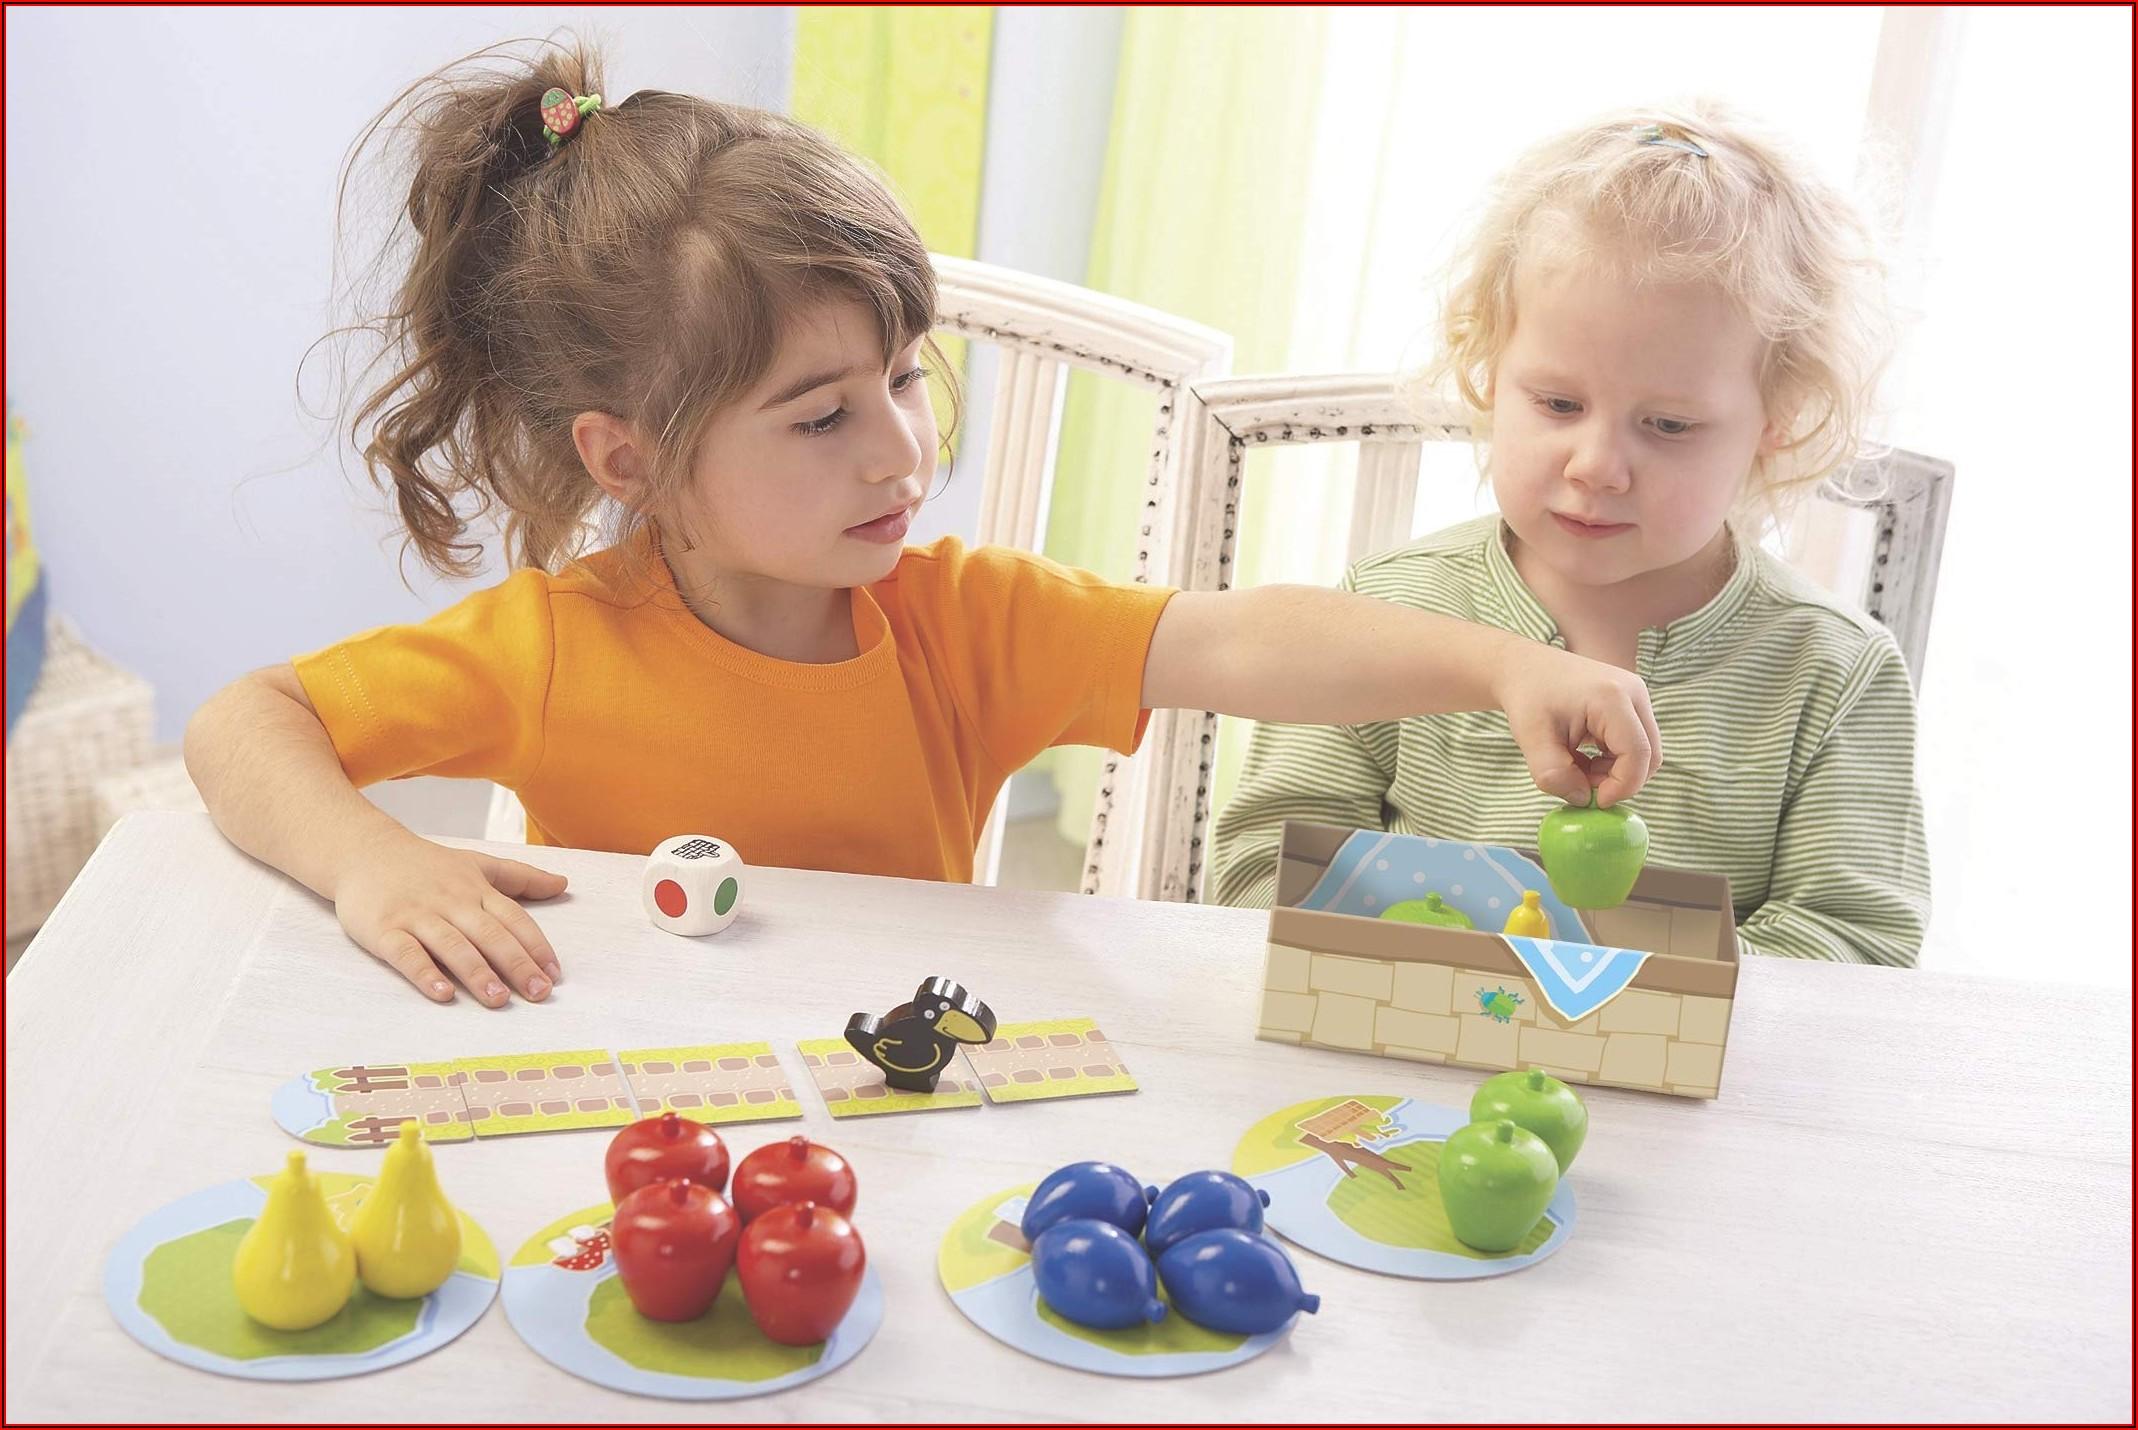 Kinderzimmer Für 2 Jährige Mädchen